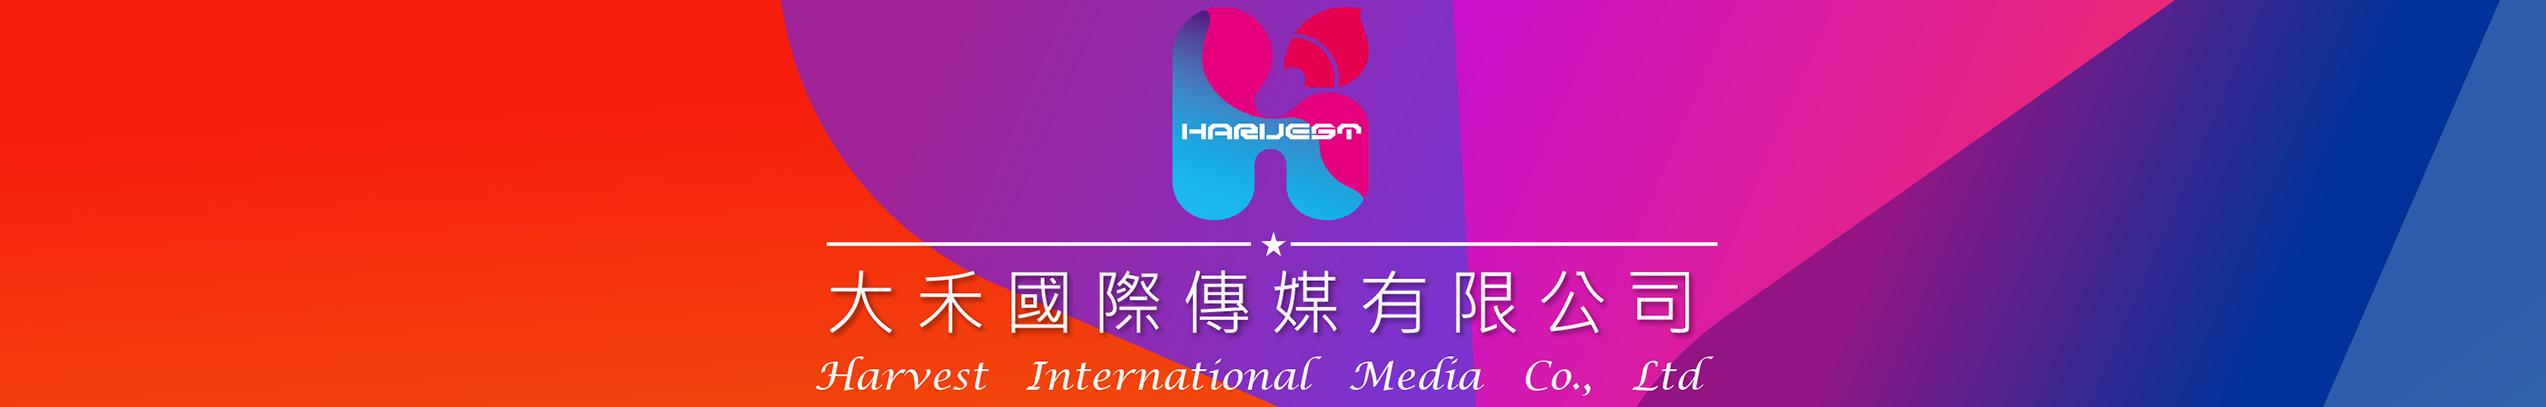 大禾國際傳媒有限公司 banner